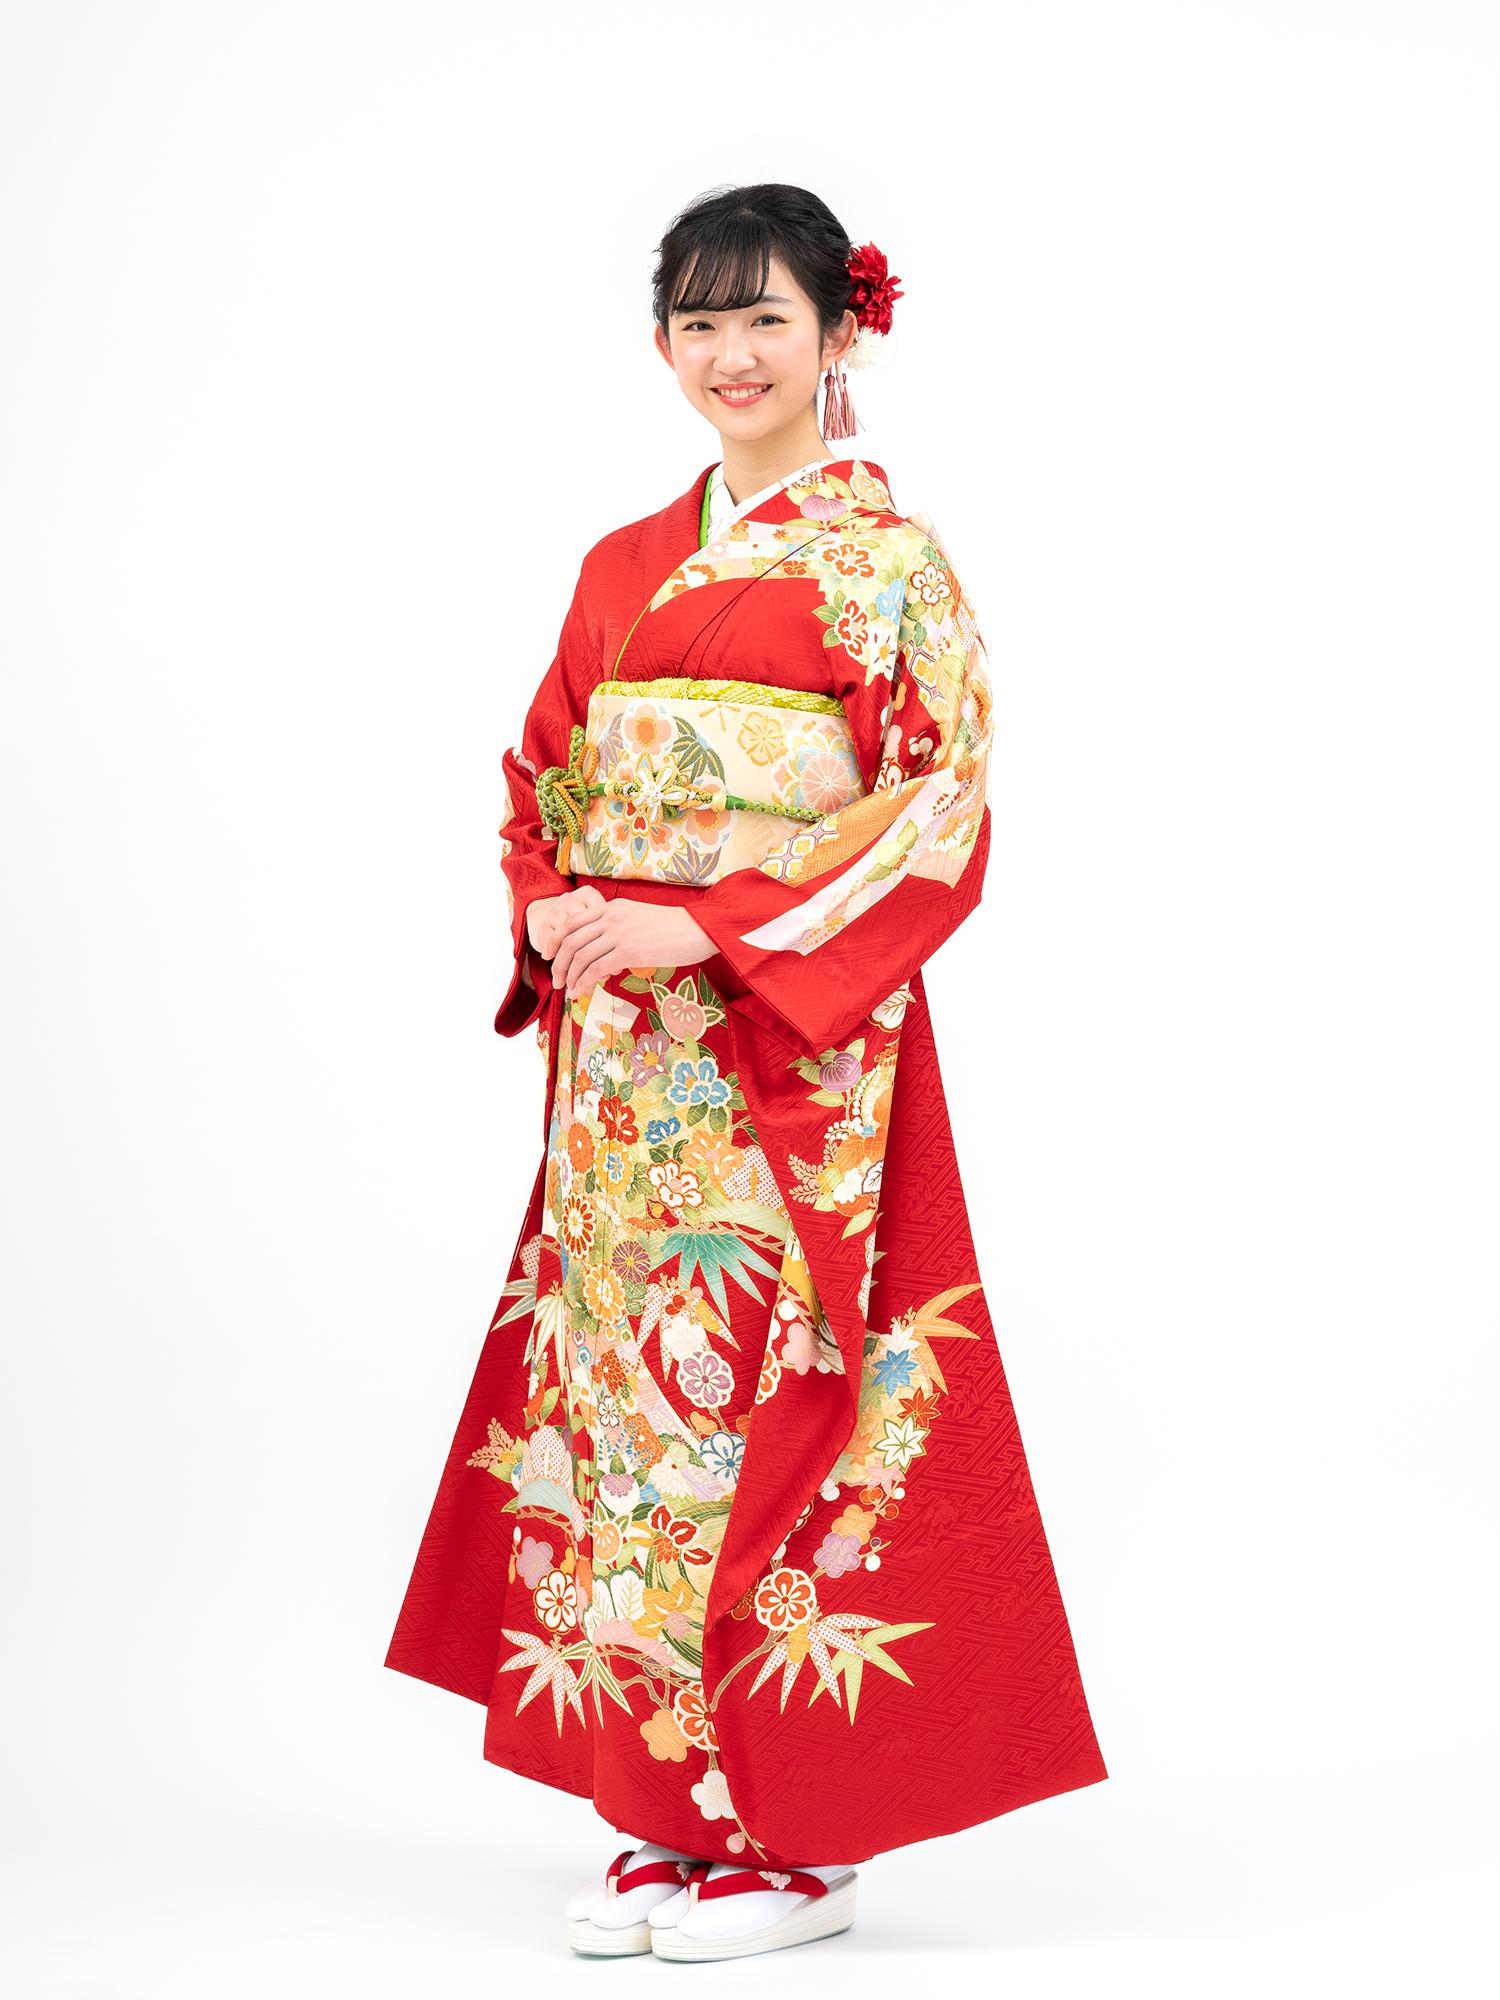 【吉澤織物の高級振袖レンタル(赤色)】品番K-22・松竹梅・熨斗柄 MLサイズ